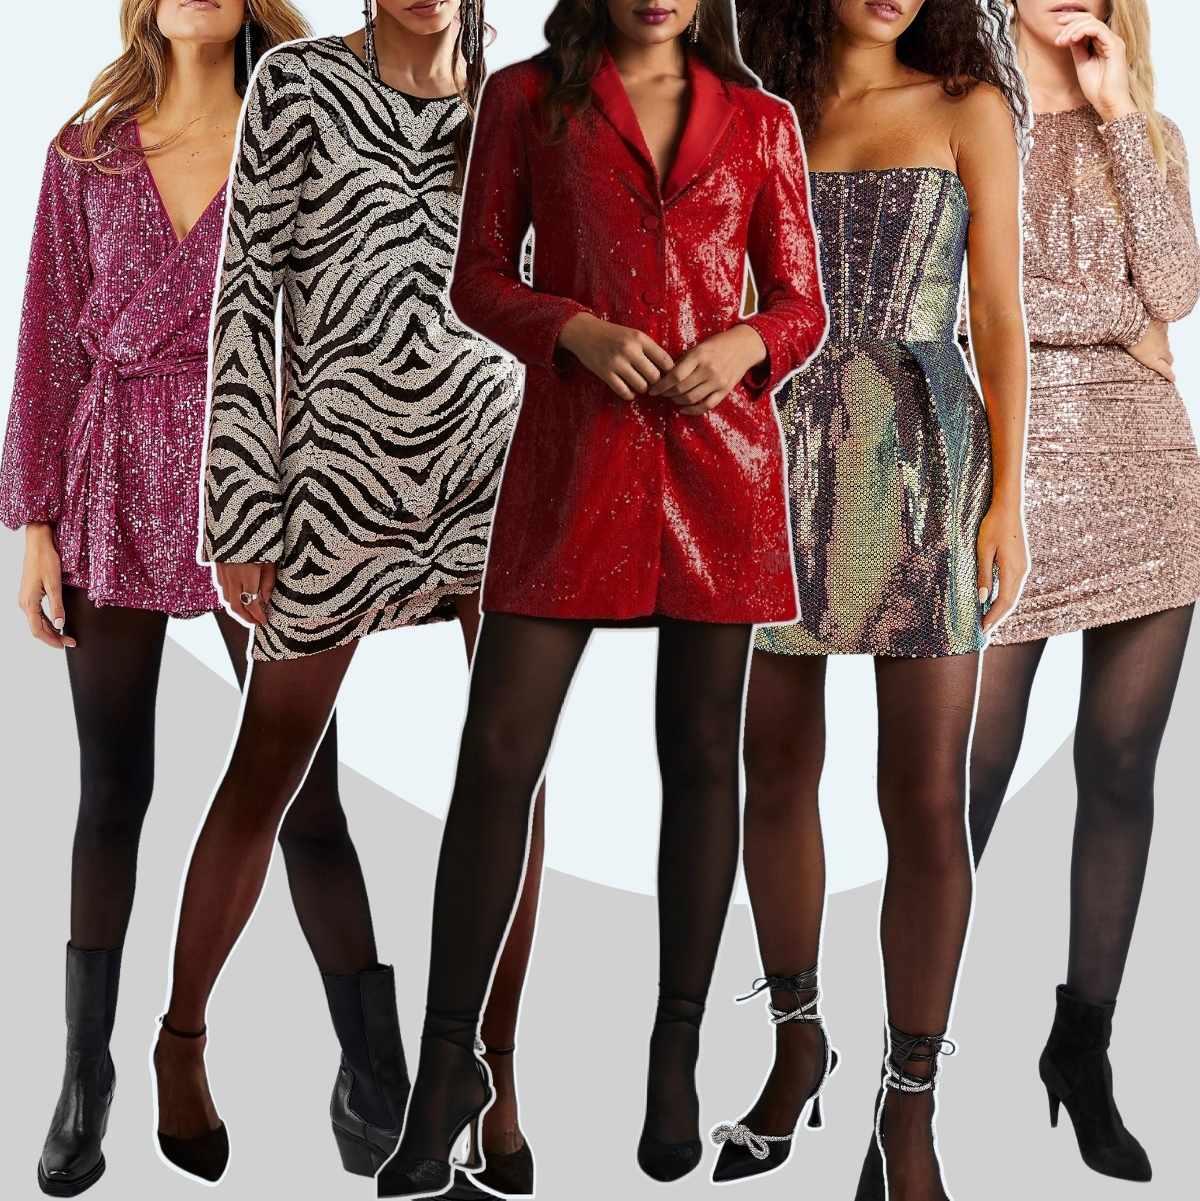 Quelles chaussures porter avec des robes à paillettes